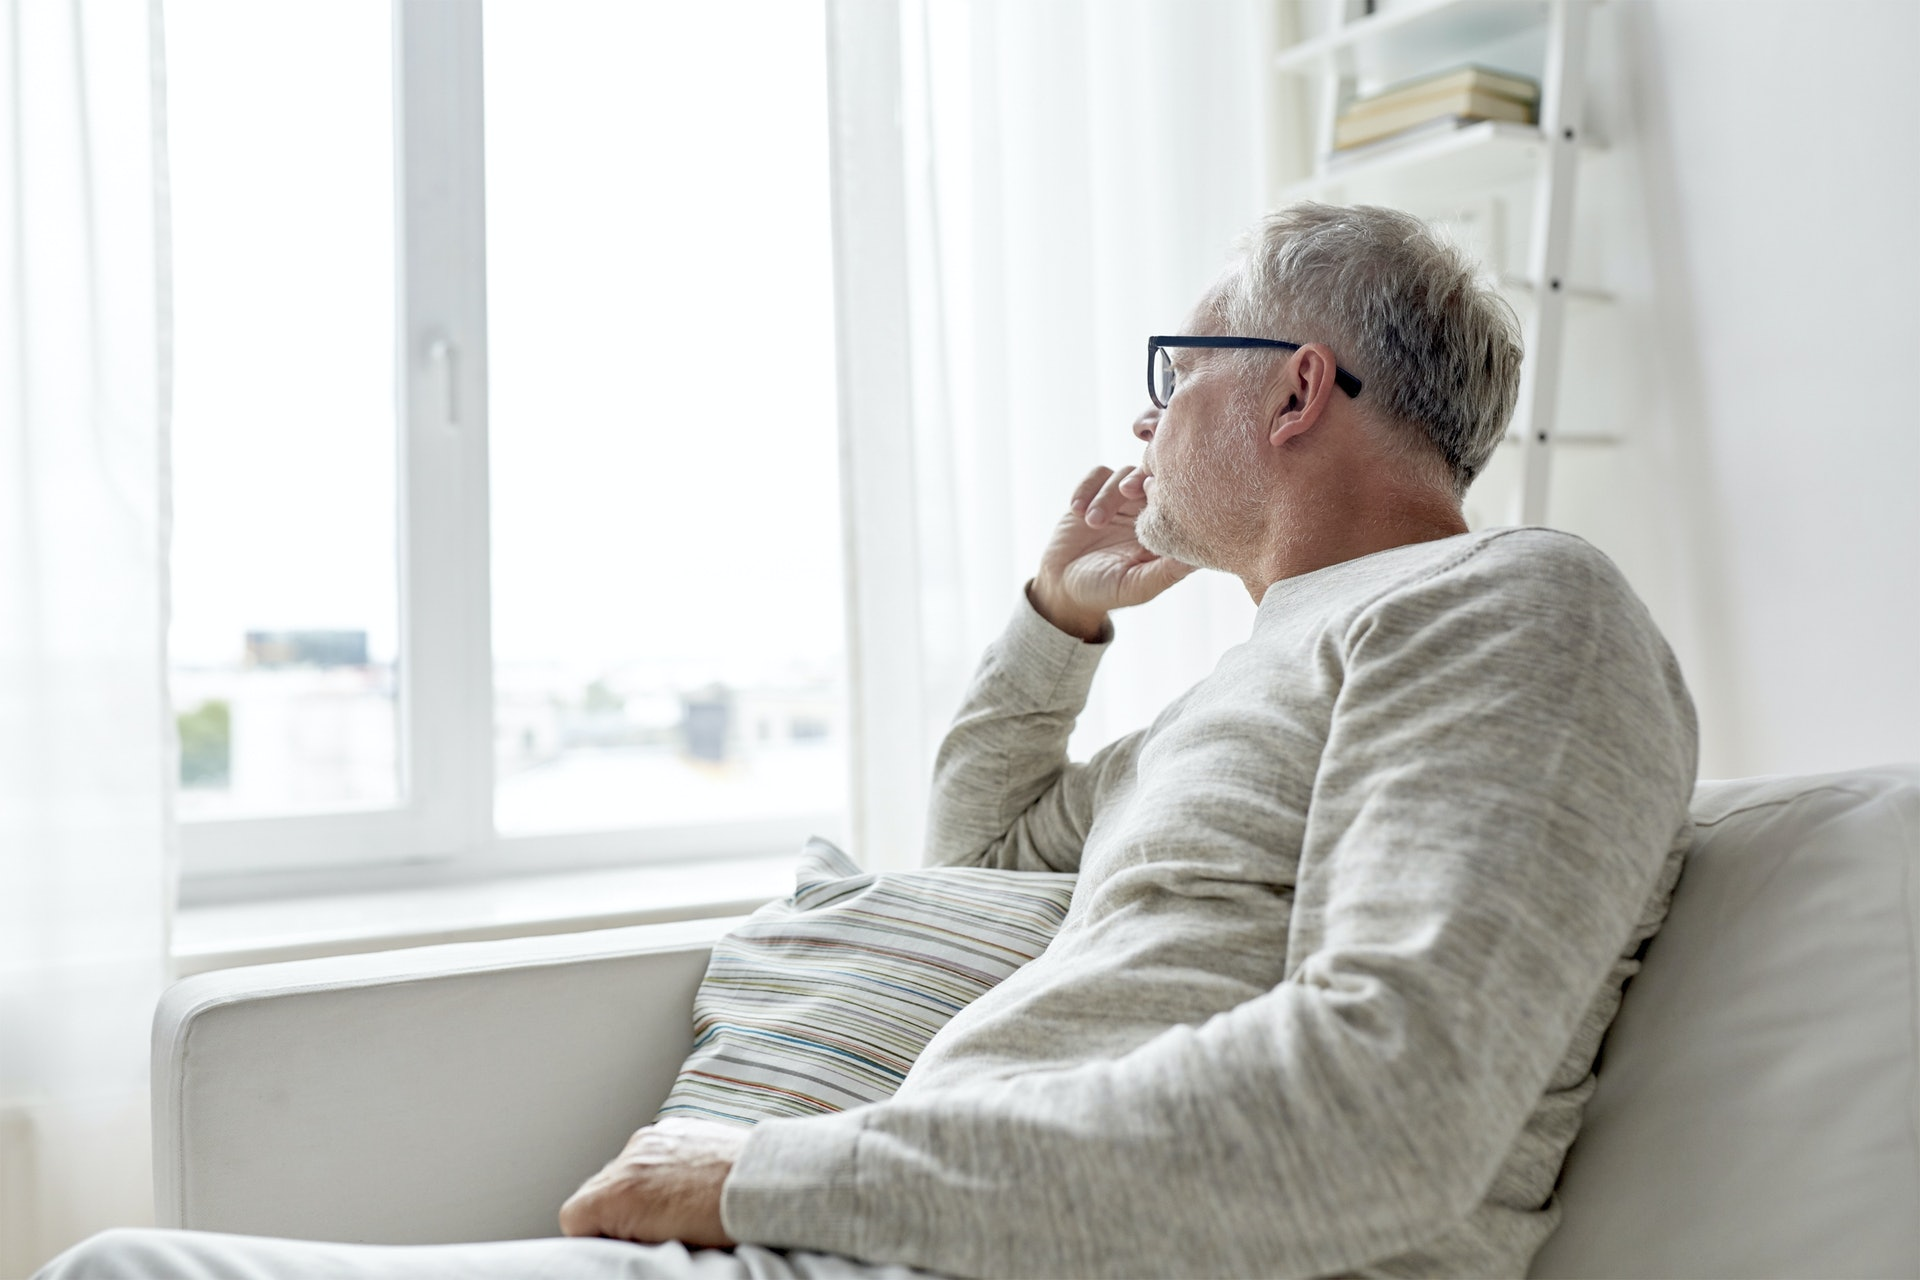 不少柏金遜症患者因活動能力受損、要家人照顧而產生焦慮情緒。(圖片:shutterstock)